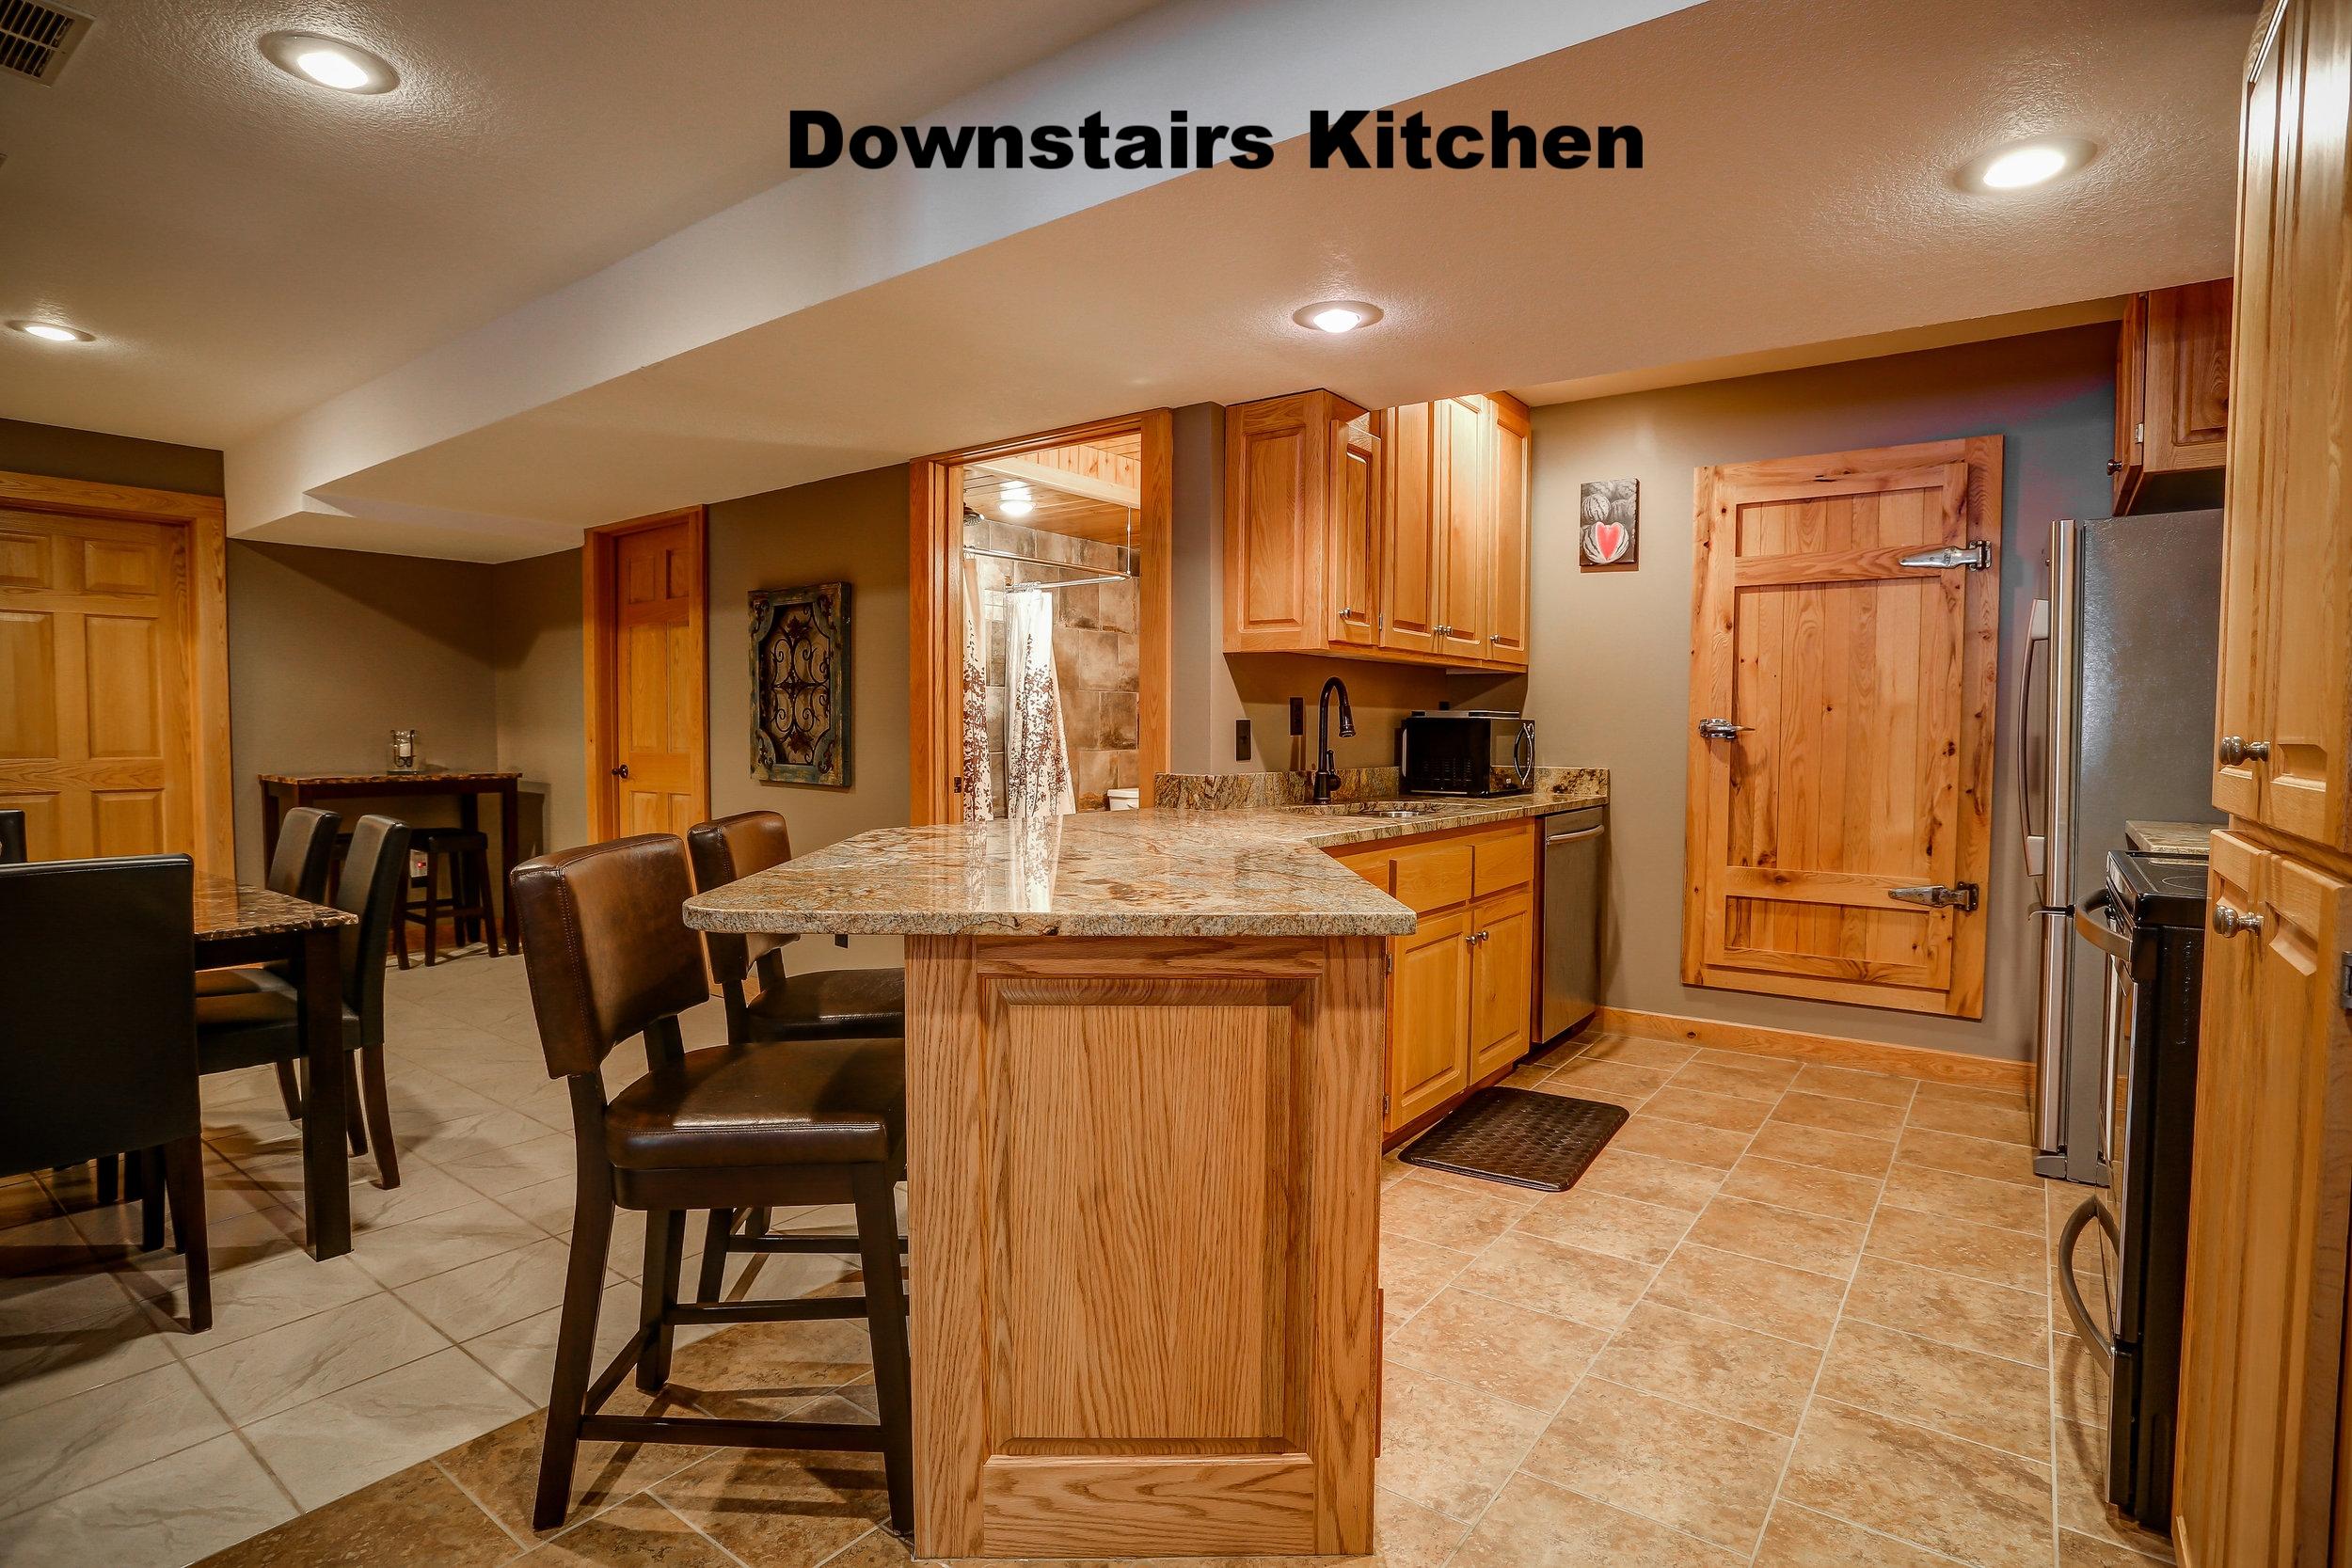 Downstairs-kitchen.jpg